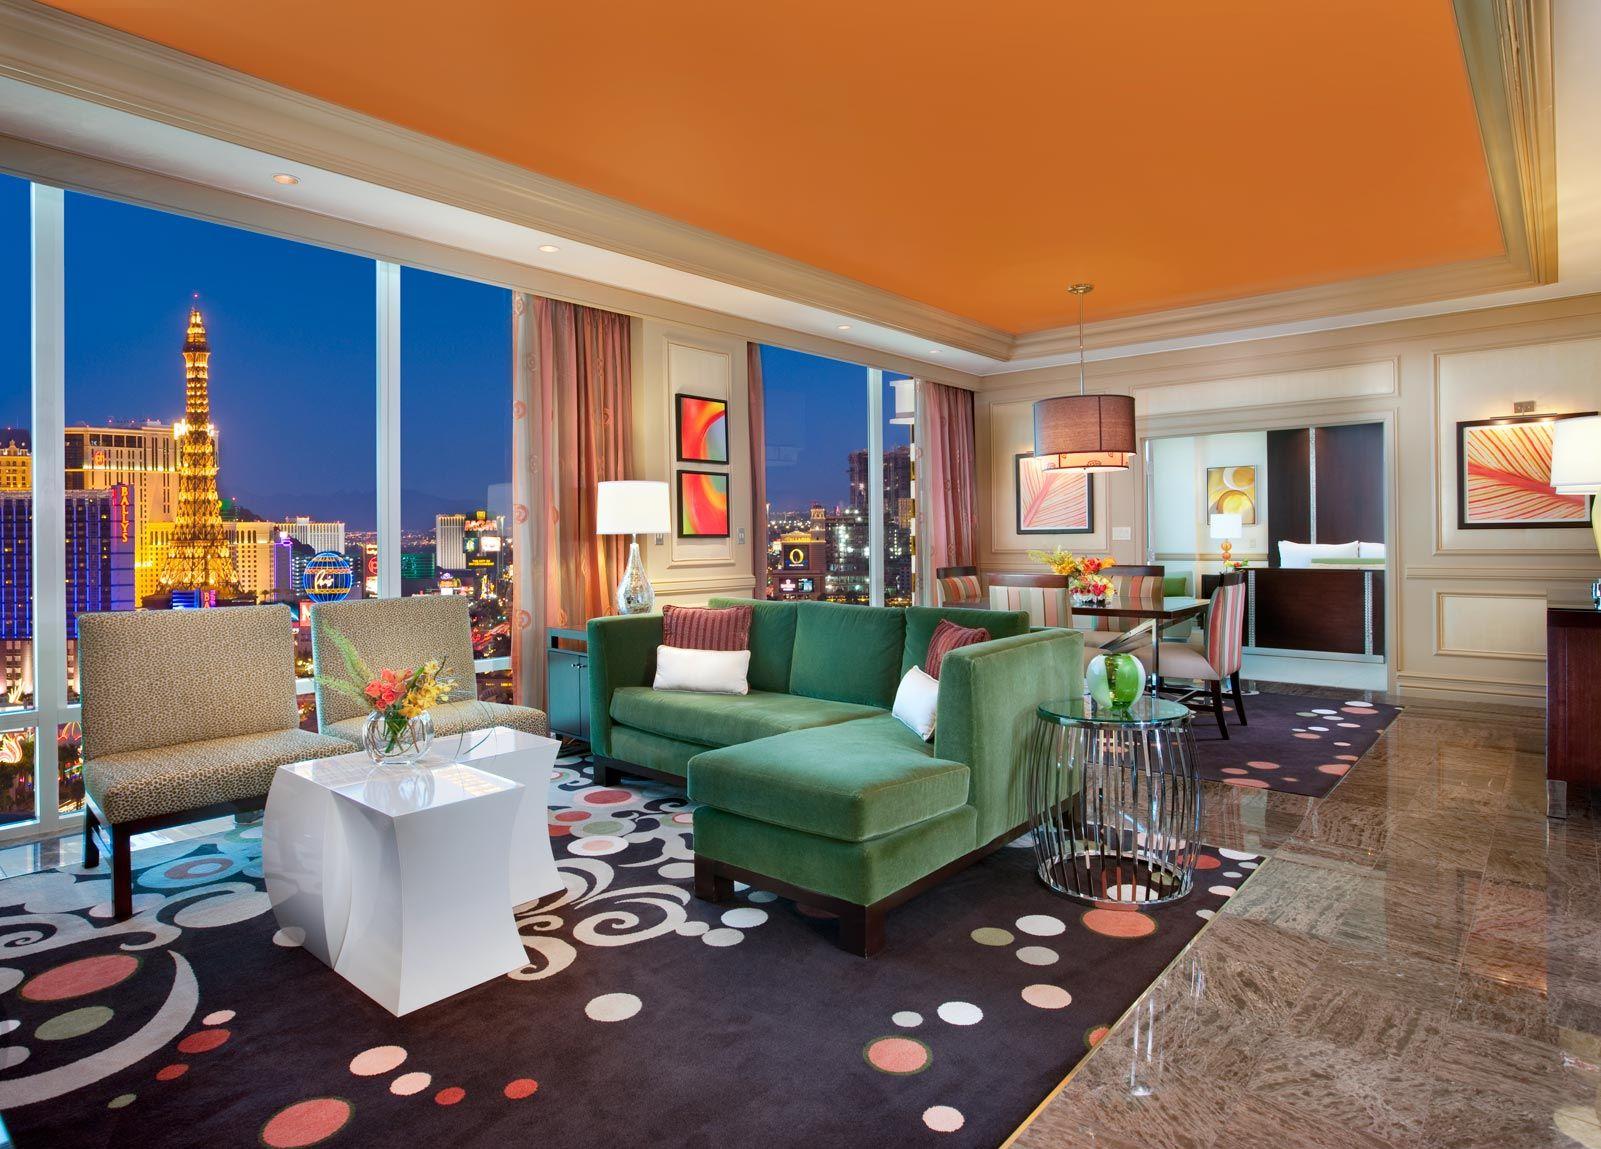 Las Vegas Bedroom Accessories 2 Bedroom Suite In Las Vegas Strip View Bedroom Premier Suite